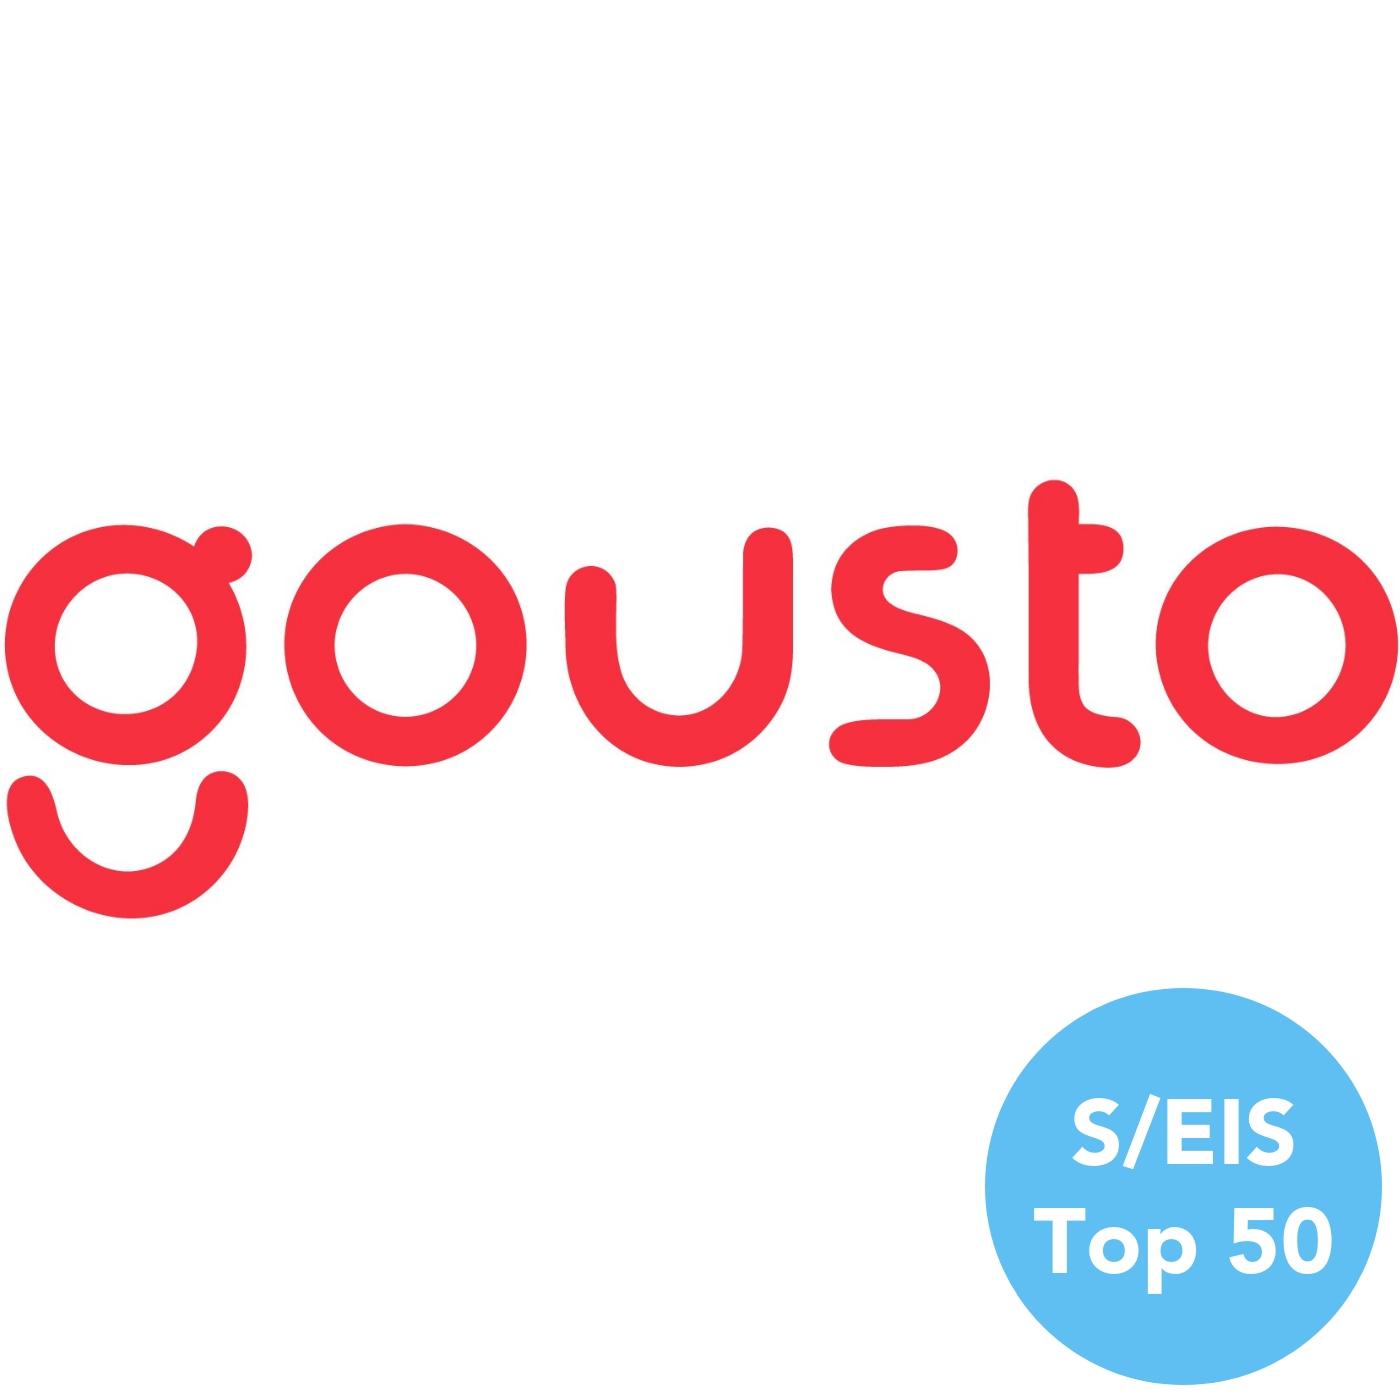 Gousto | S/EIS Top 50